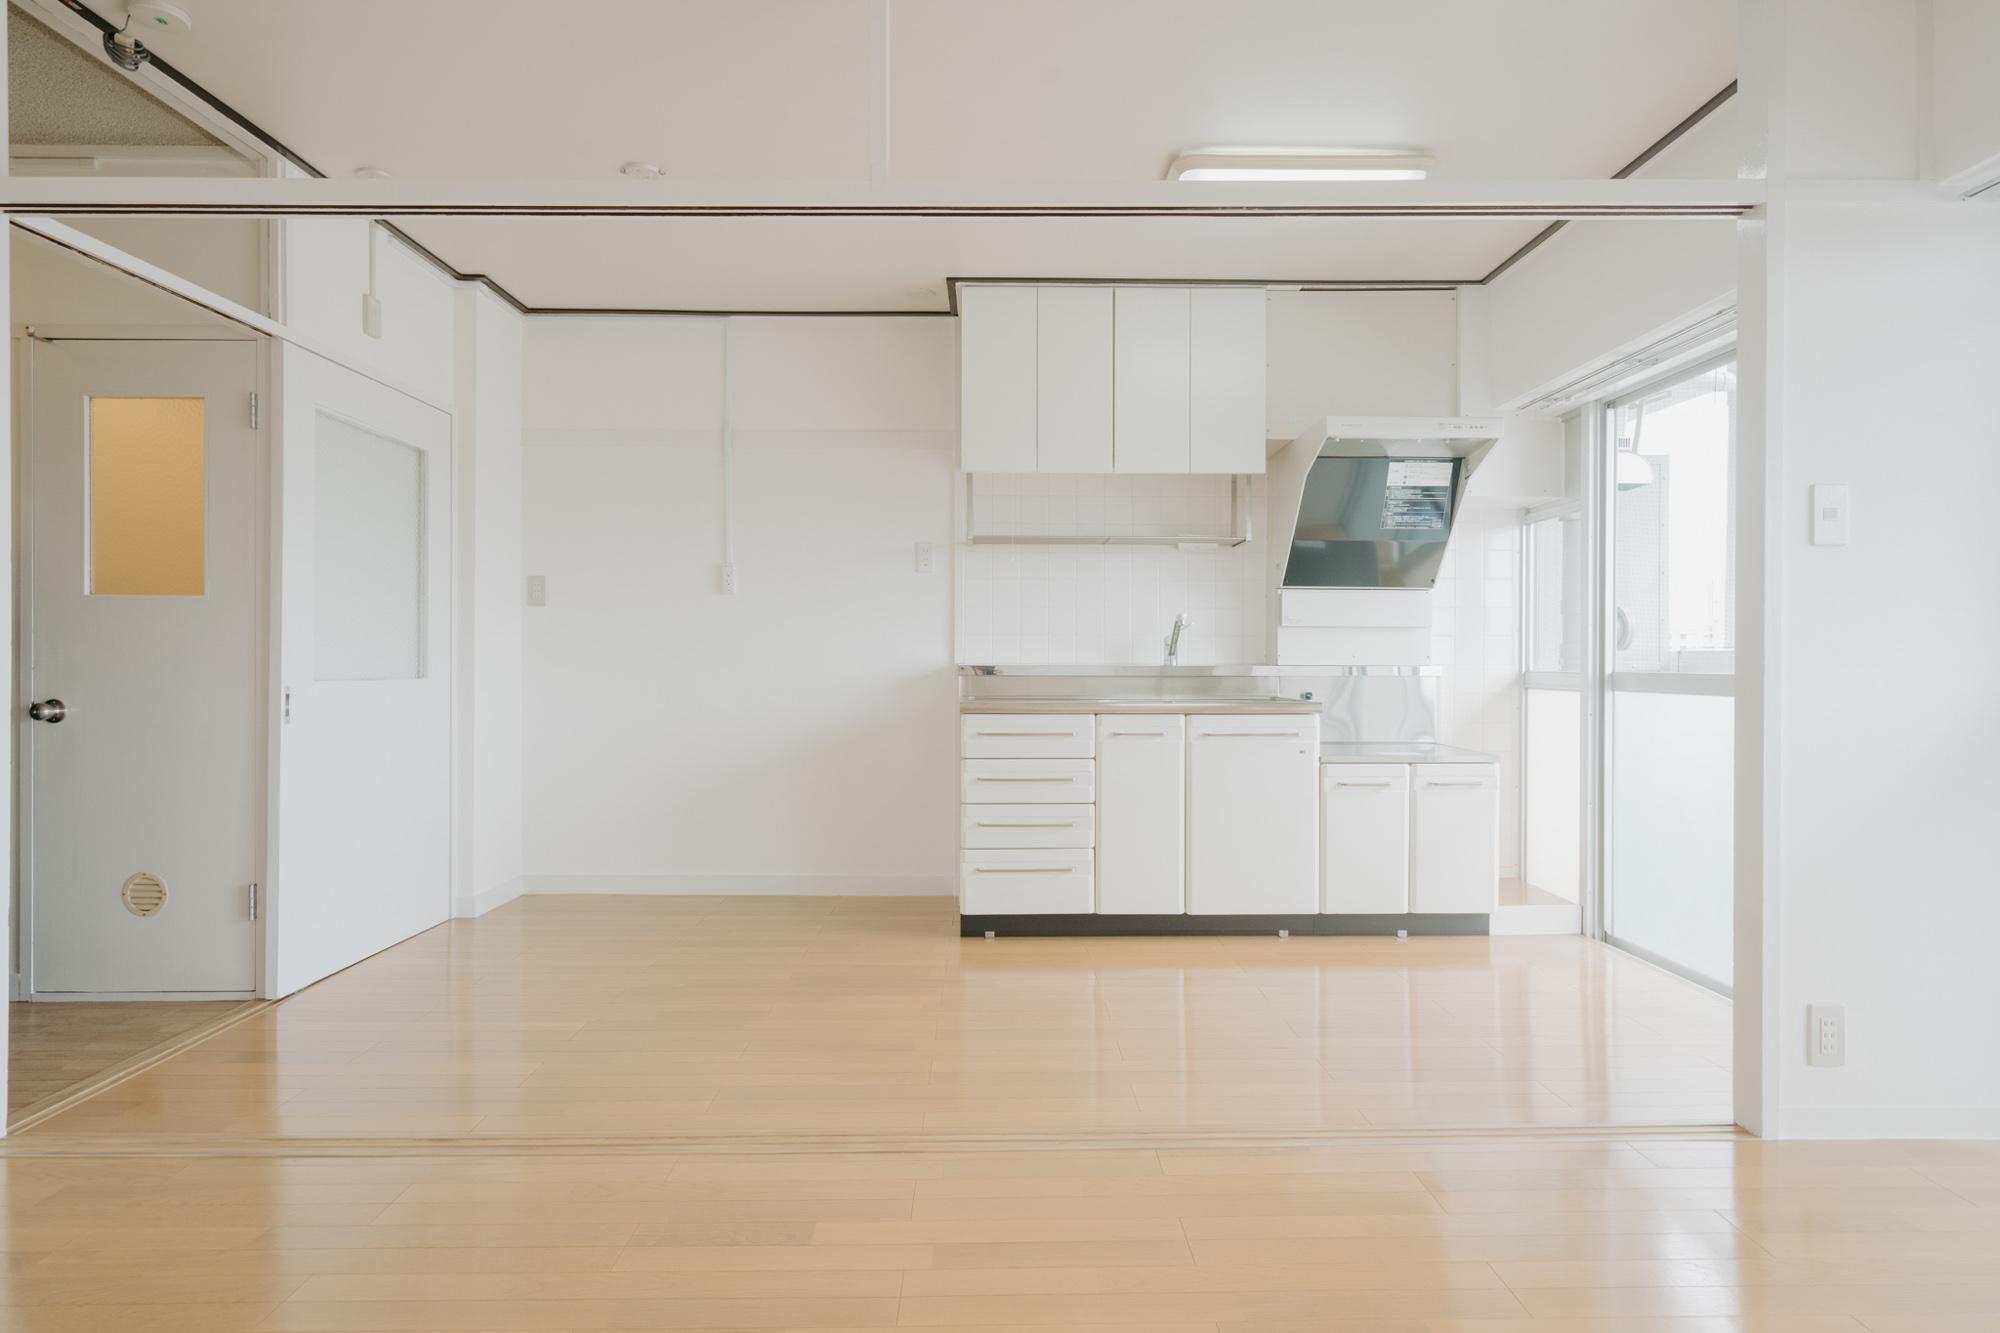 23区内の穴場、UR賃貸住宅「高島平」。和室や襖、レトロさも味のある団地の2DKで「してみたかった暮らし」を描いてみませんか?